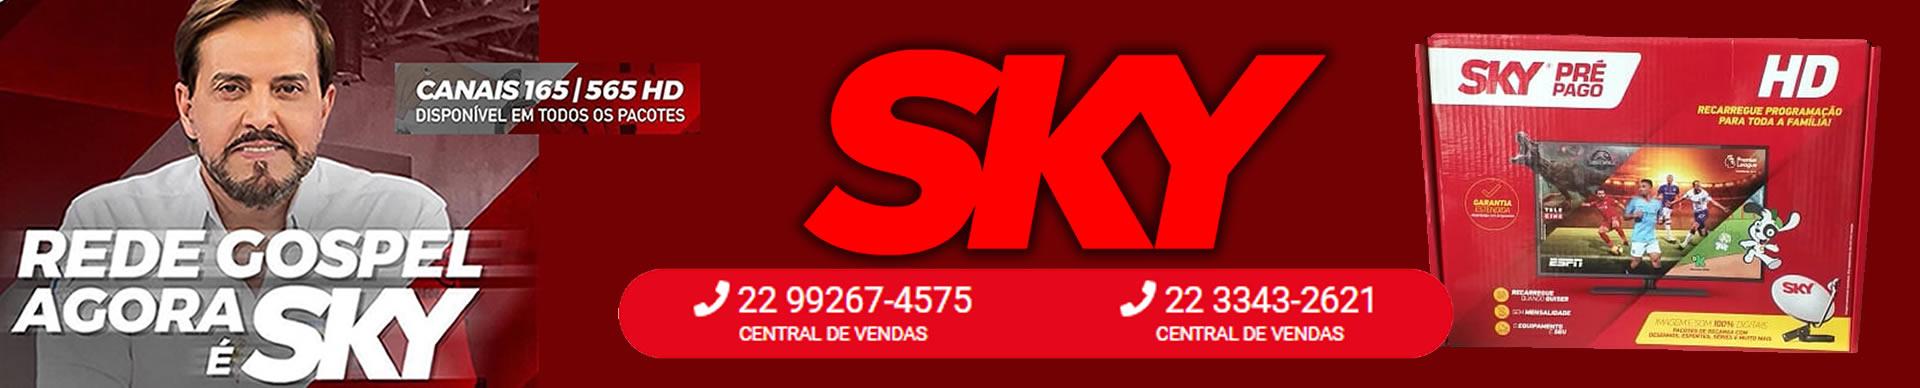 Assine SKY Planos e Combos SKY para você sair do básico, Unamar, Cabo Frio, Rio das Ostras, São Pedro da Aldeis, Araruama, Iguaba, Macaé, Região dos Lagos, sky pós pago, assine sky